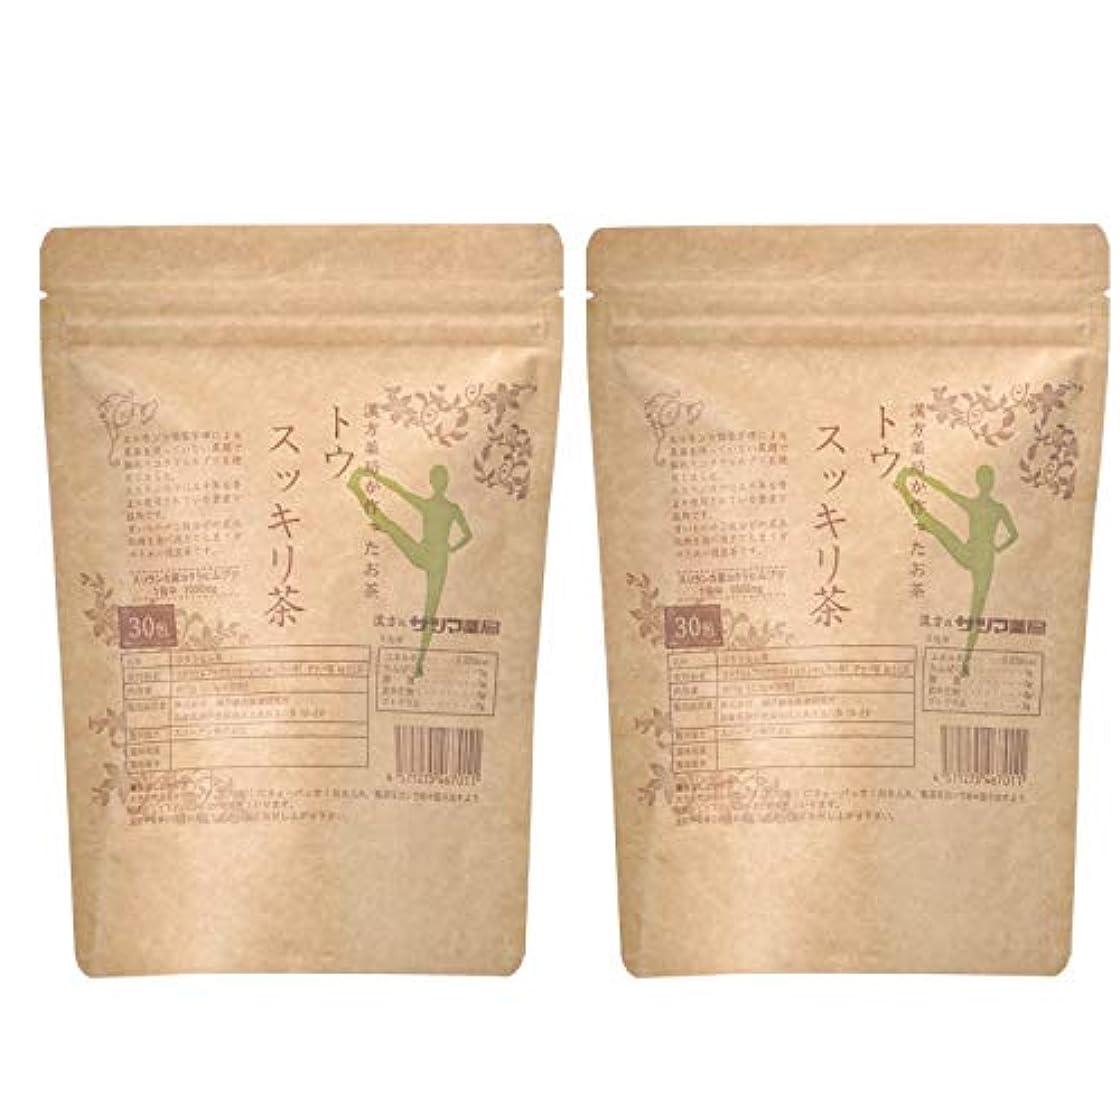 中古中古グリップサツマ薬局 ダイエットティー トウスッキリ茶 60包(30包×2) ティーパック 高濃度コタラヒム茶 ほうじ茶